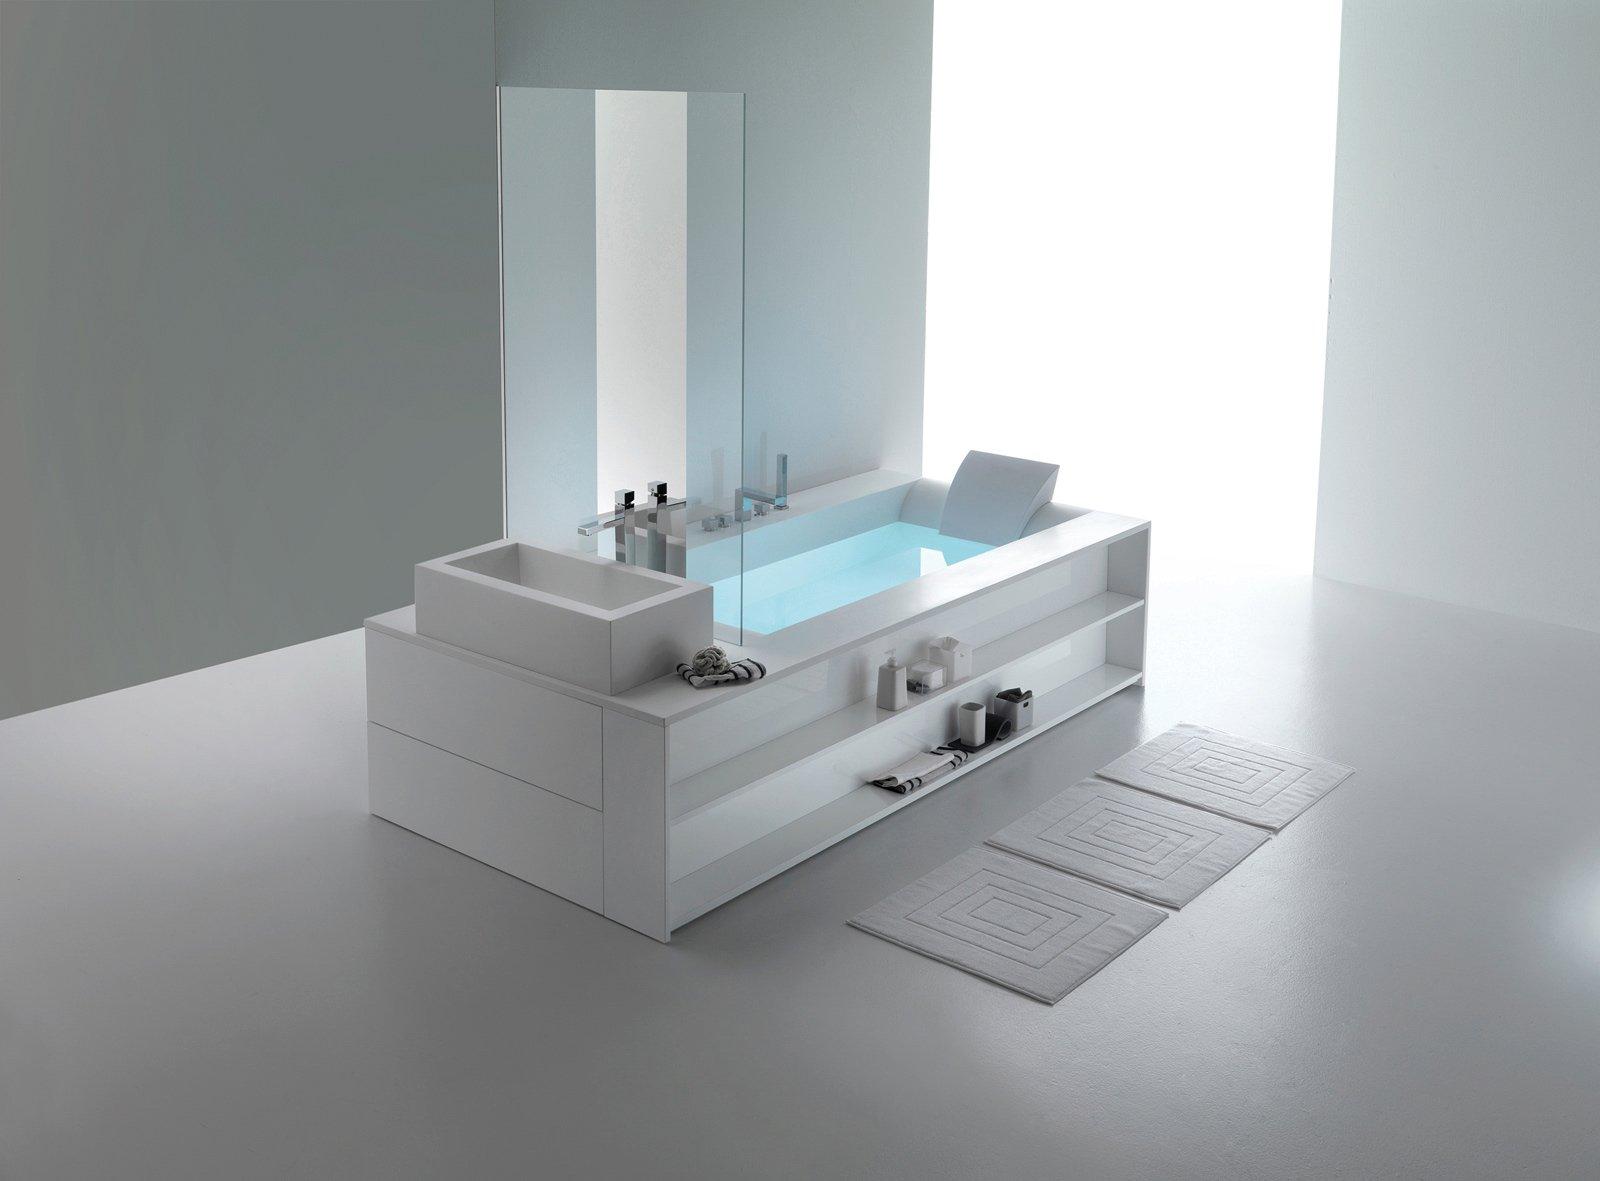 Vasca Da Bagno Hafro : Bagno come attrezzarlo per il tuo benessere cose di casa